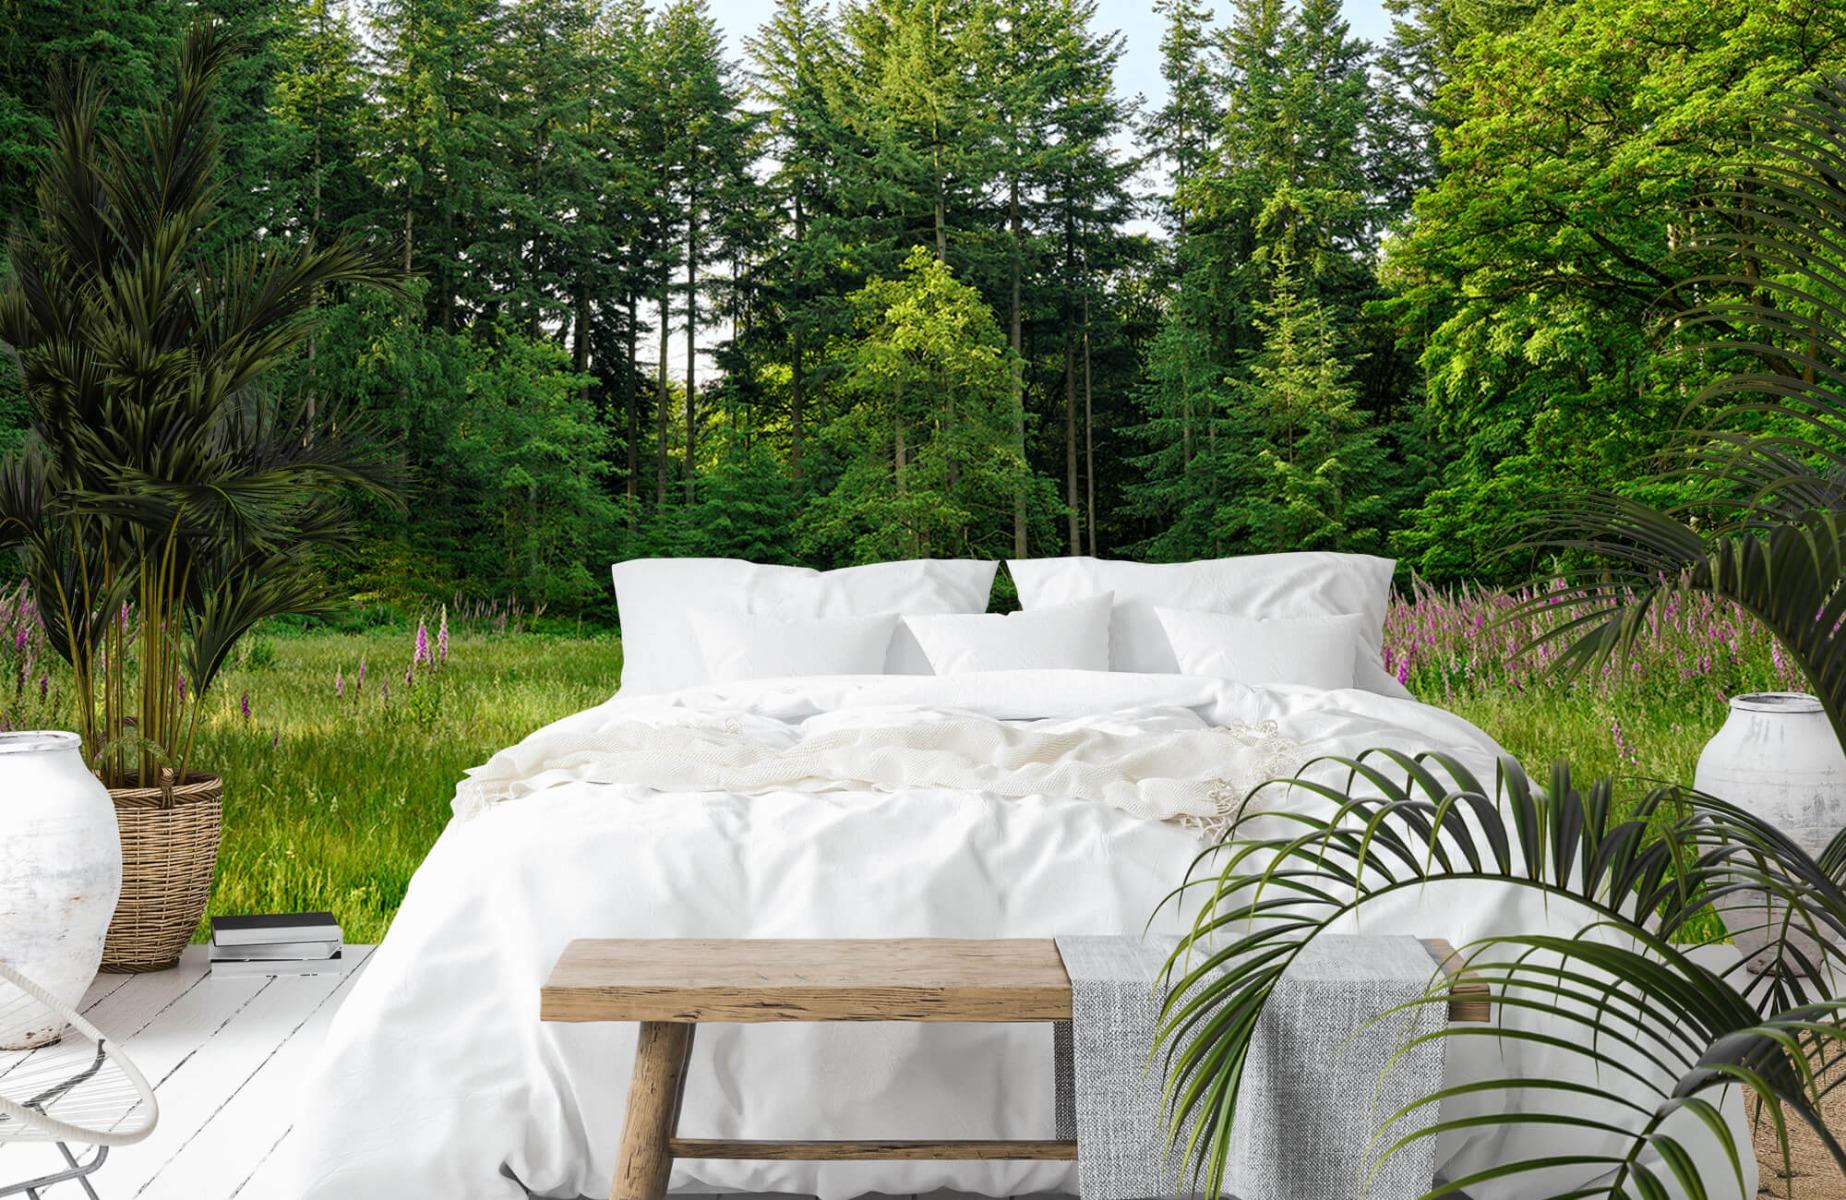 Bos behang - Open plek in het bos - Wallexclusive - Slaapkamer 15